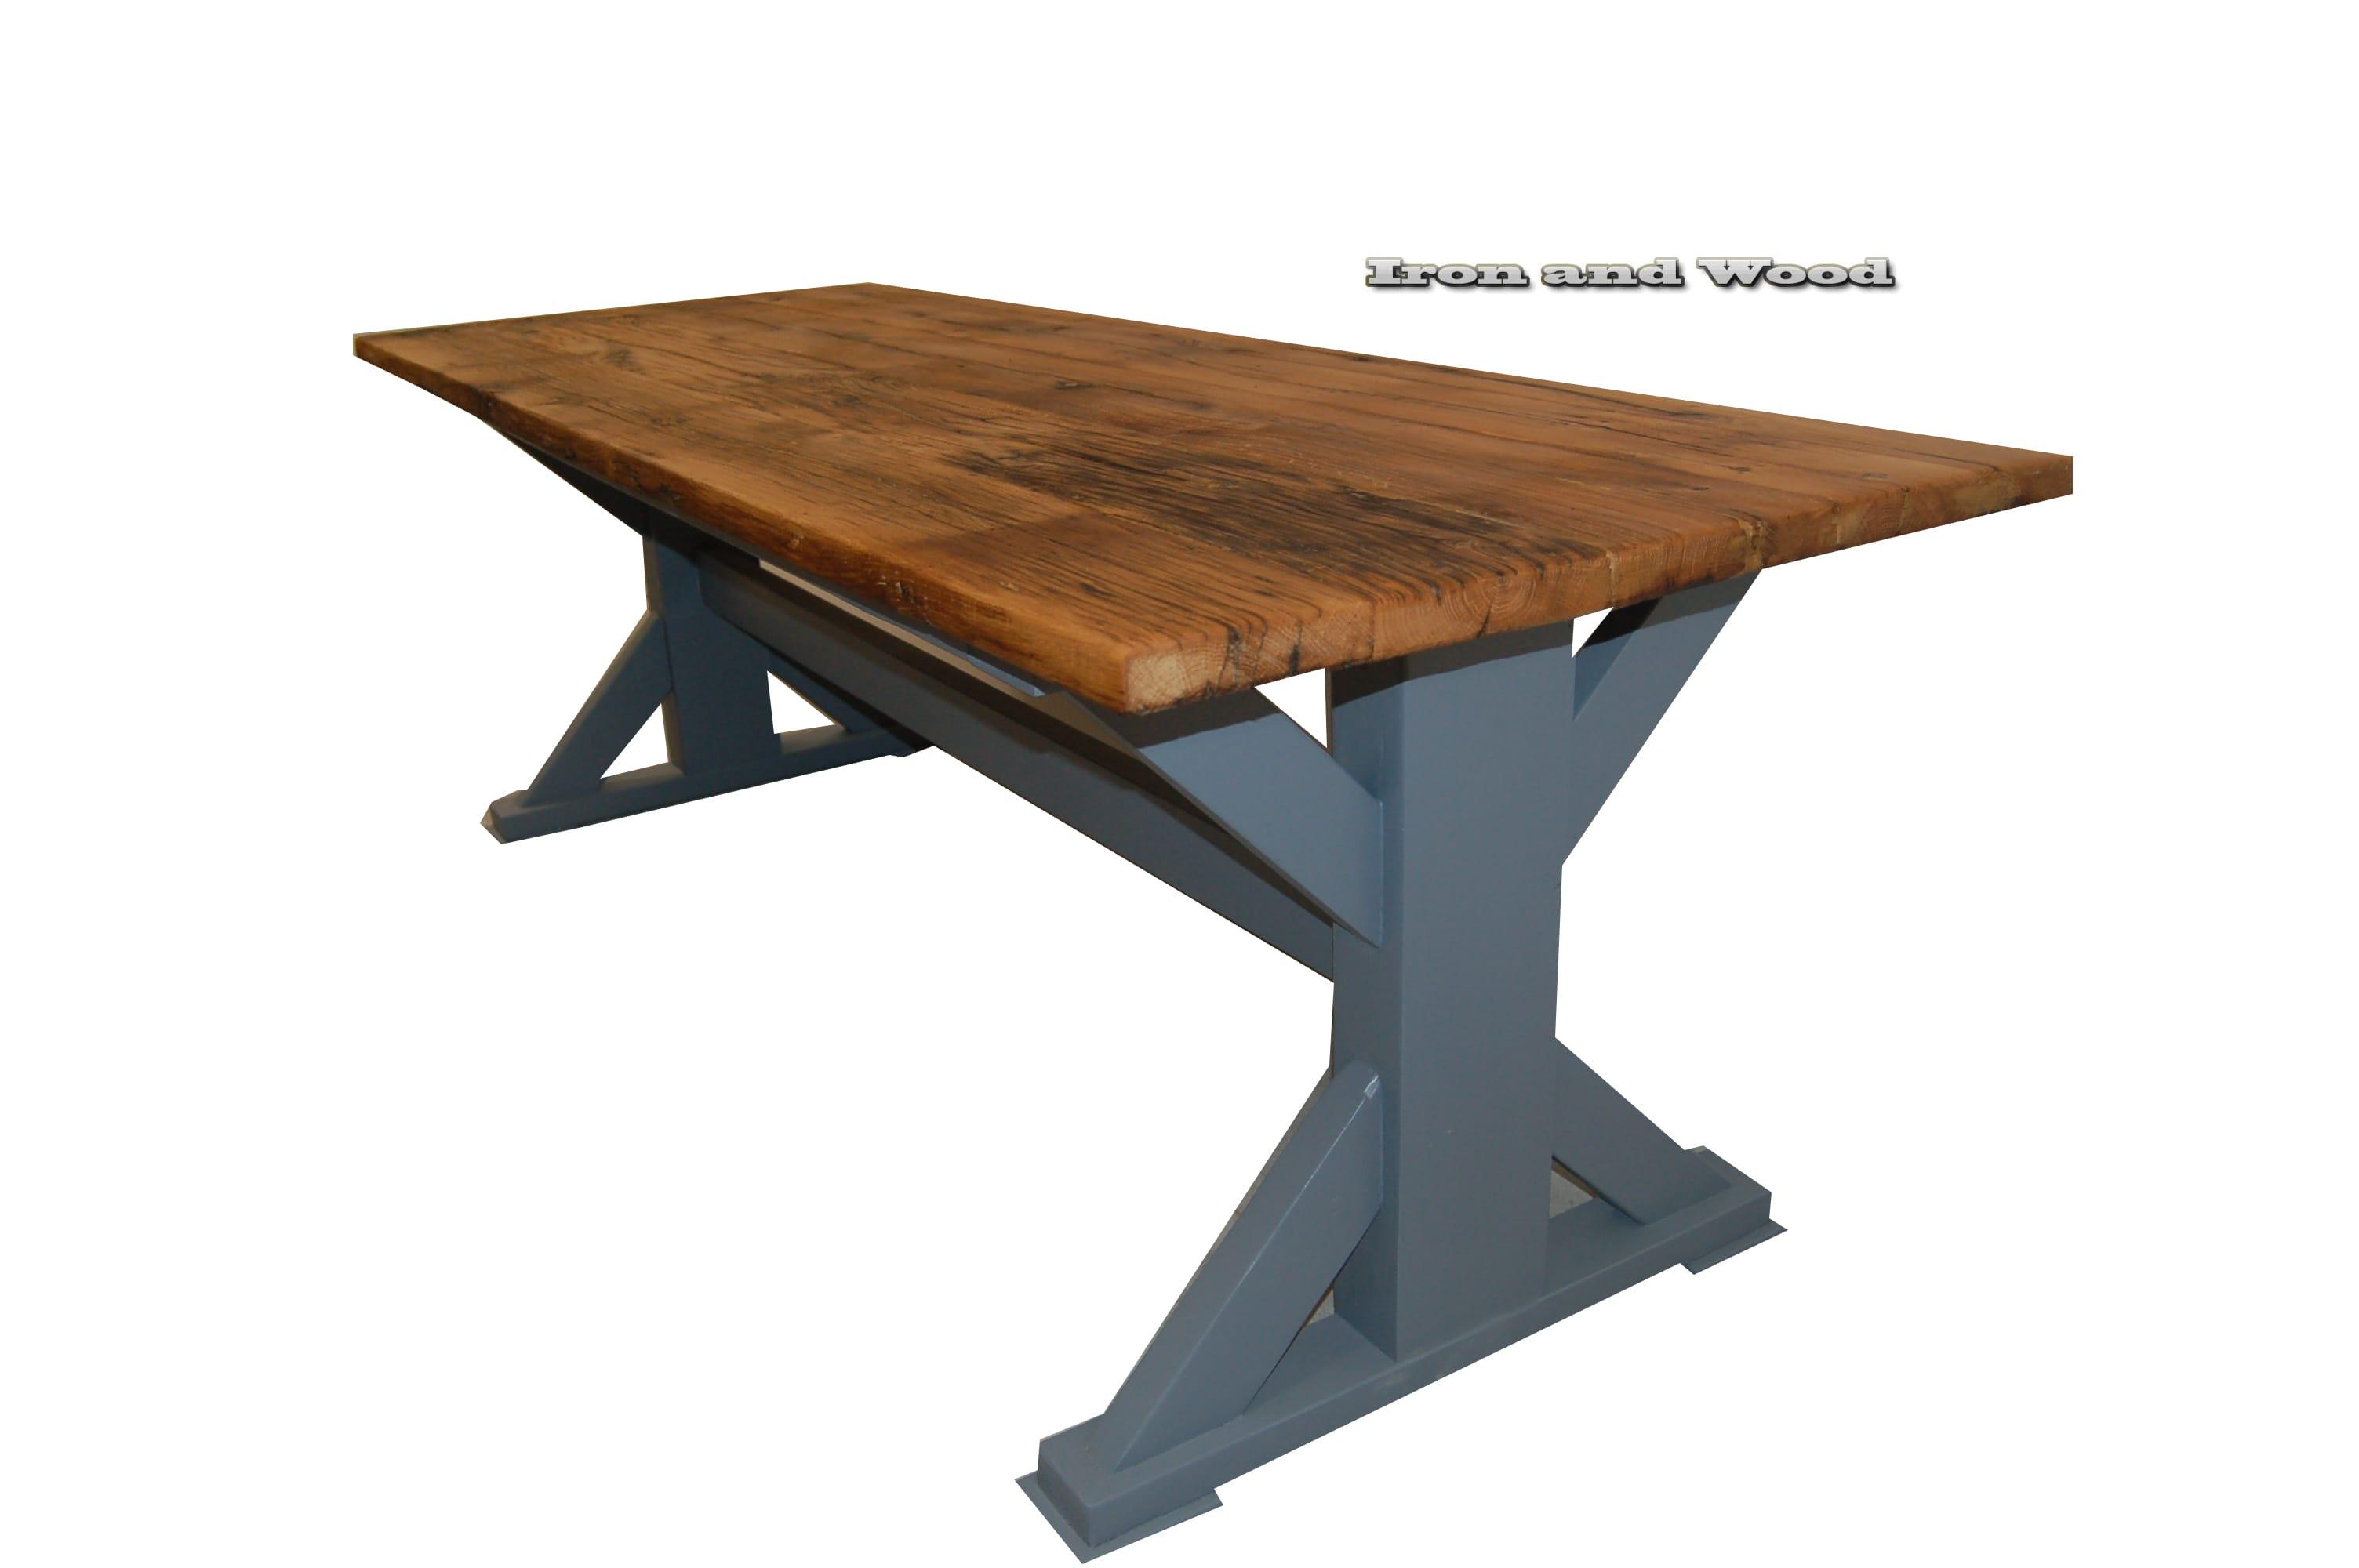 Landelijke kruispoot tafel kasteeltafel eiken wagondelen blad